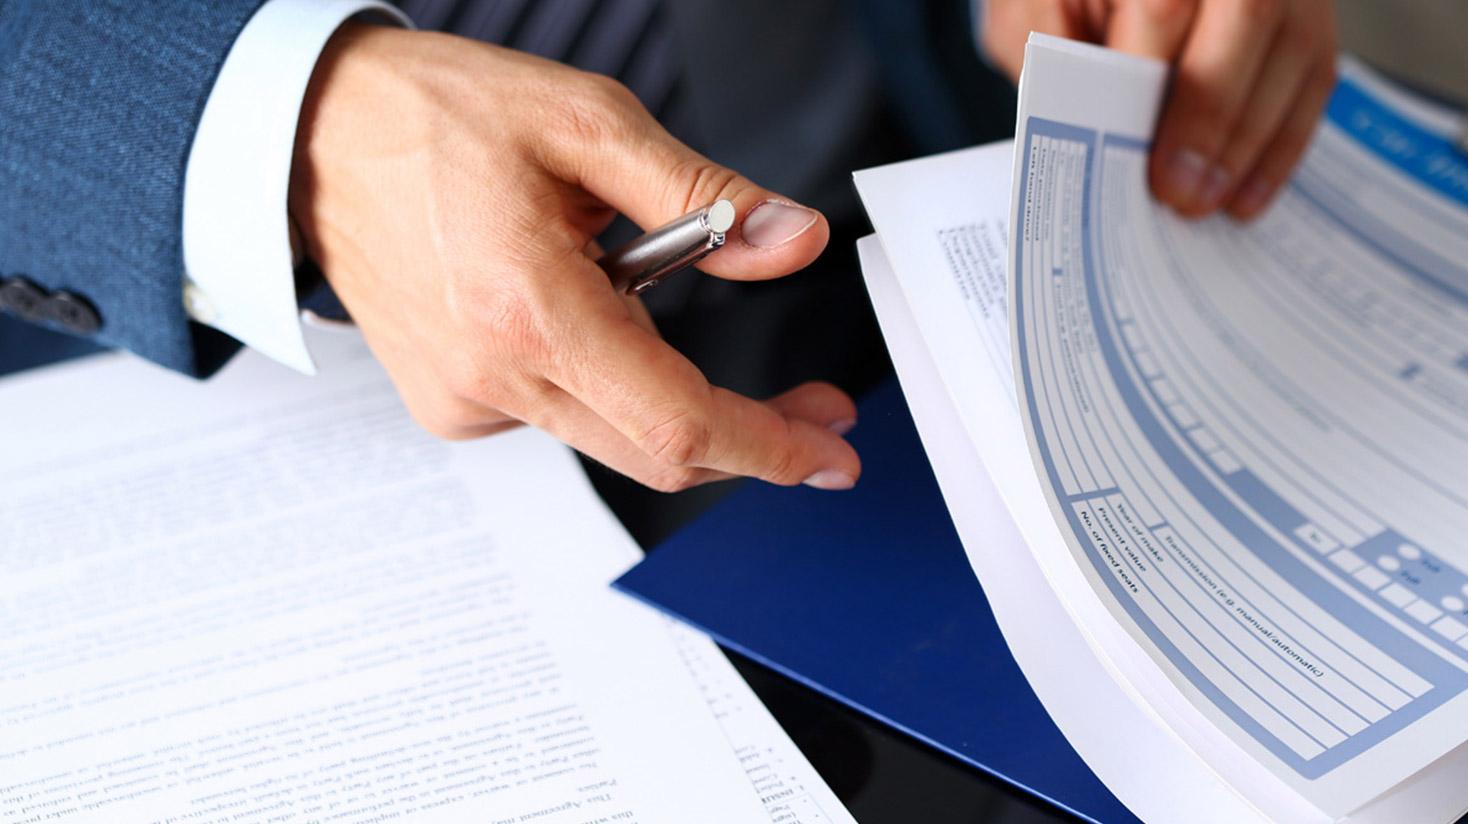 Dịch tài liệu y khoa có thể giúp cho các trường đại học y dược có thêm nhiều tài liệu để nghiên cứu